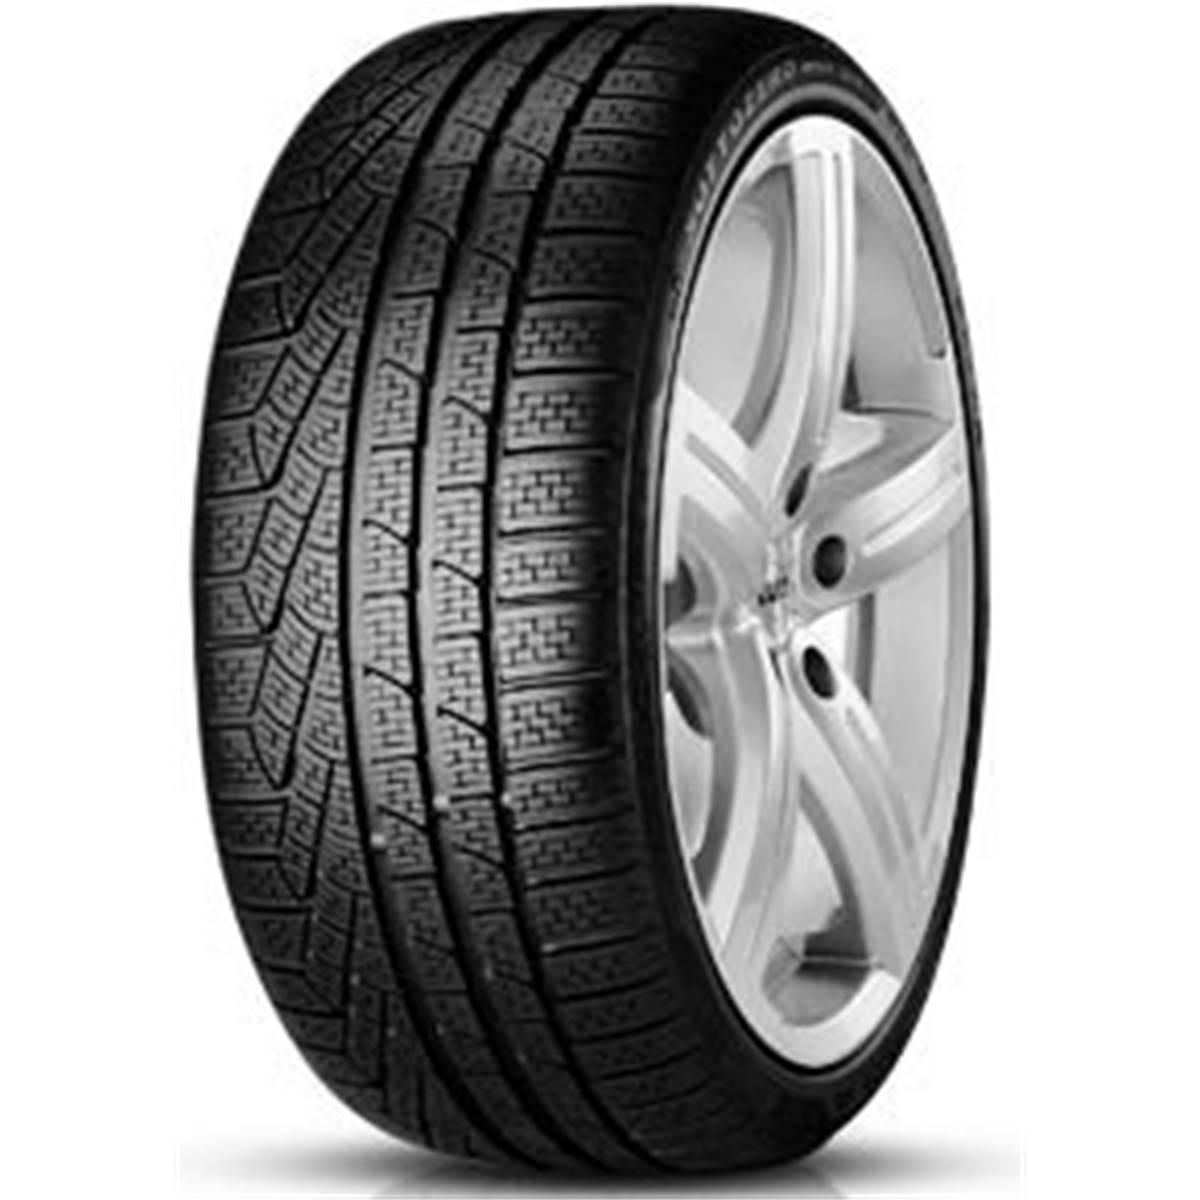 pneus 240 achat vente de pneus pas cher. Black Bedroom Furniture Sets. Home Design Ideas